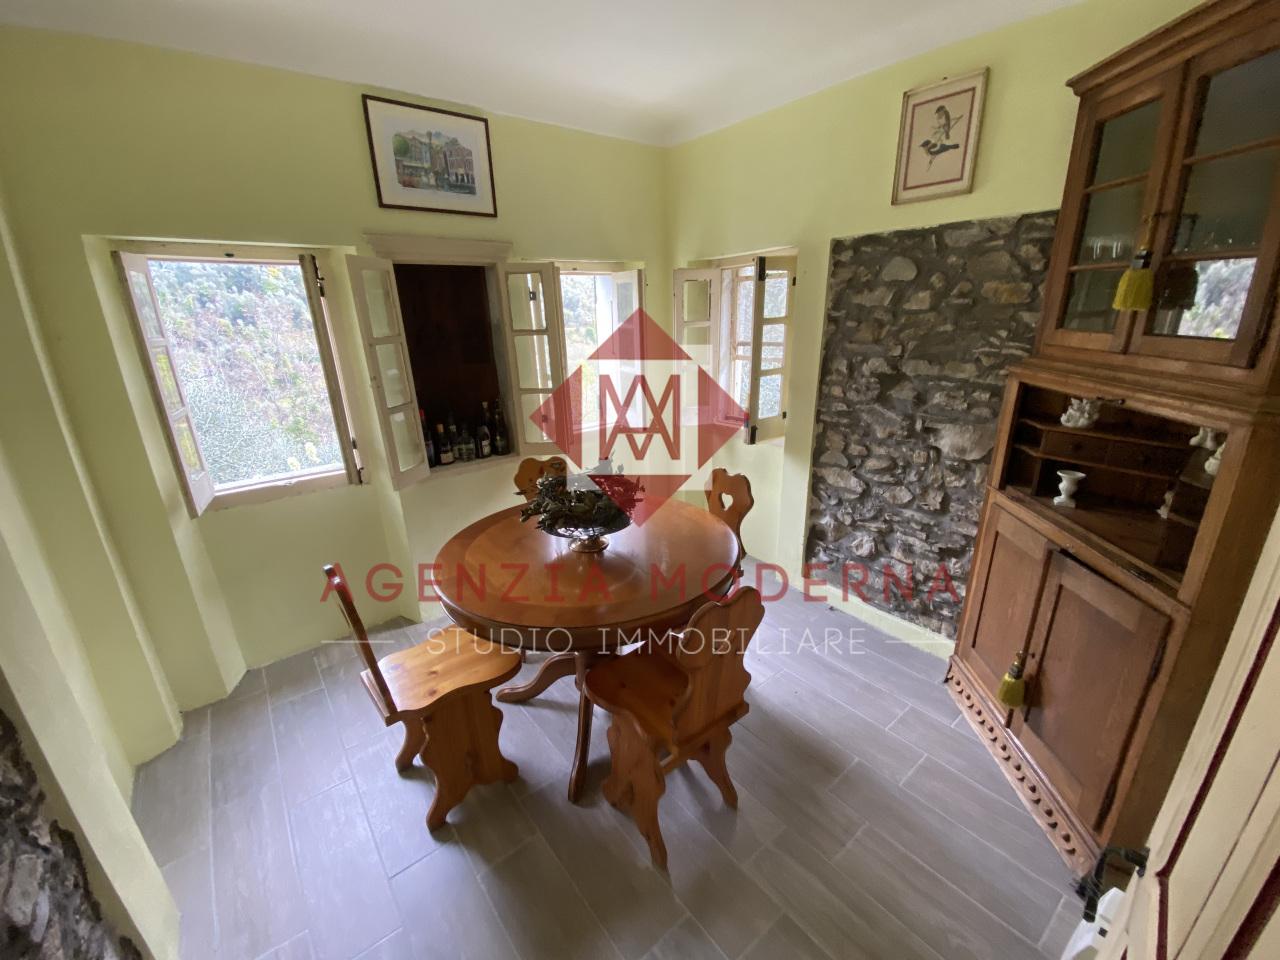 Appartamento in vendita a Castel Vittorio, 3 locali, prezzo € 75.000 | PortaleAgenzieImmobiliari.it